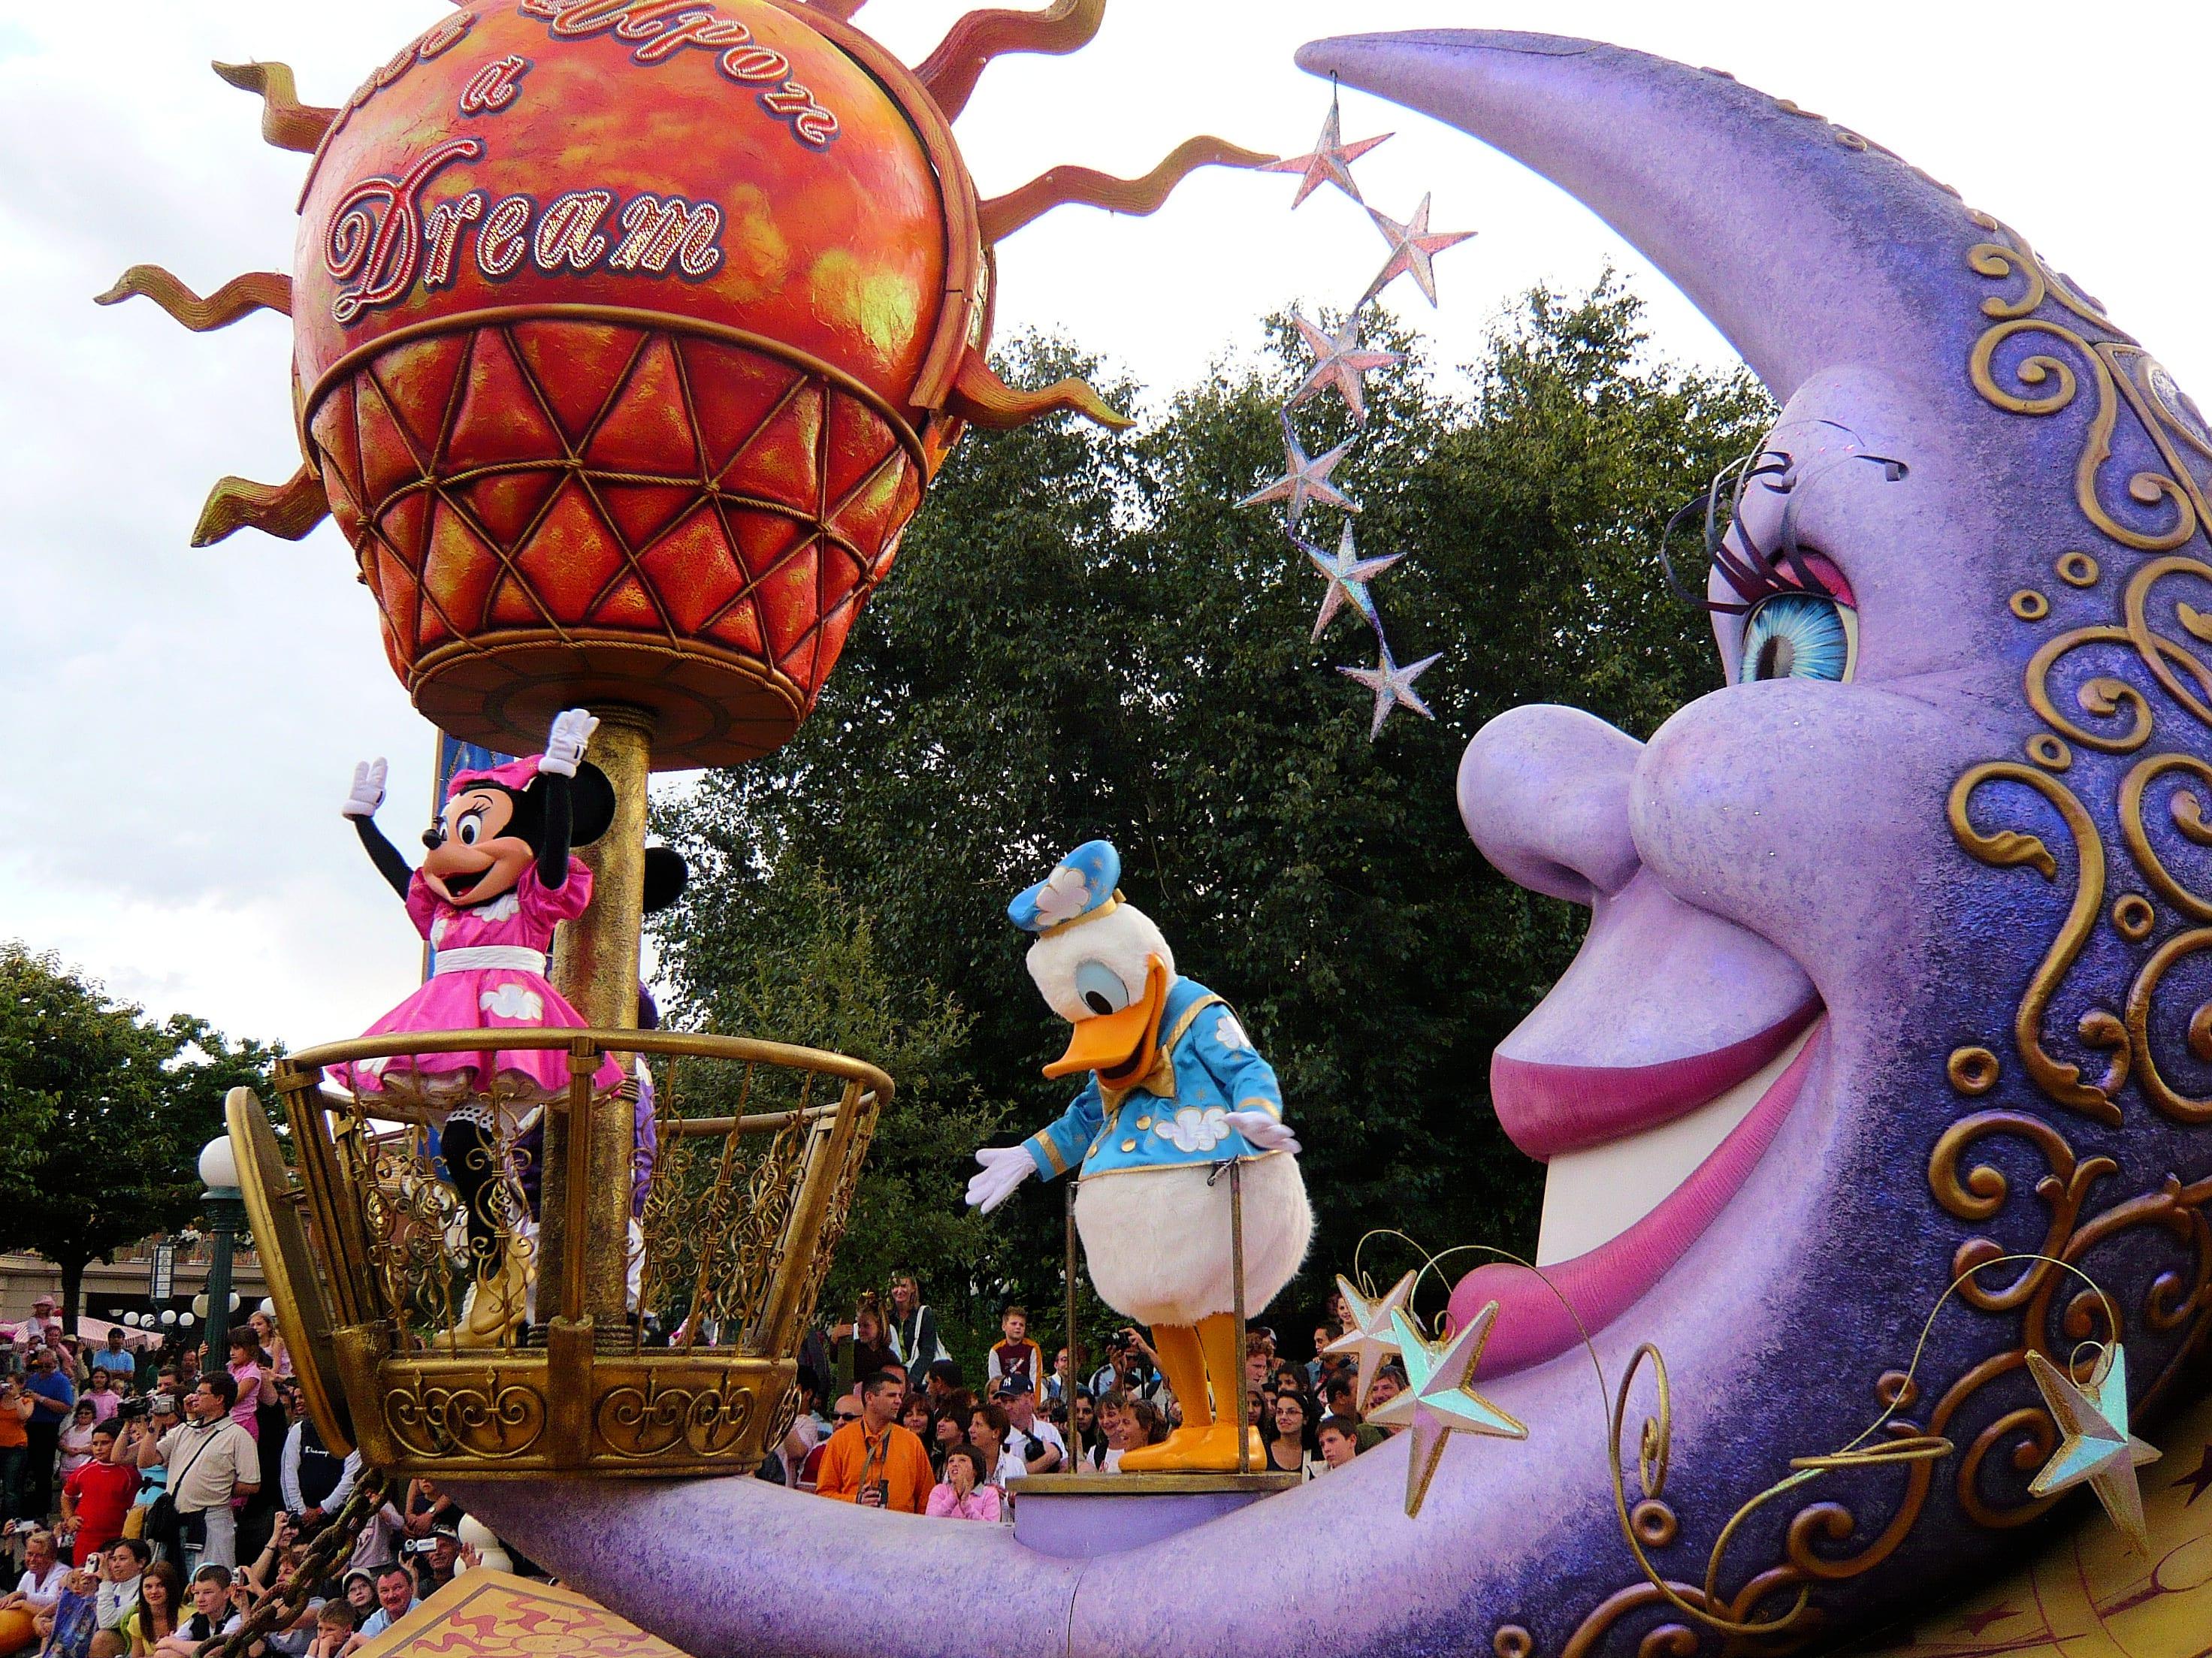 Диснейленд сша цены ???? в каком городе америки лучше посетить парк диснея - webcactus.ru